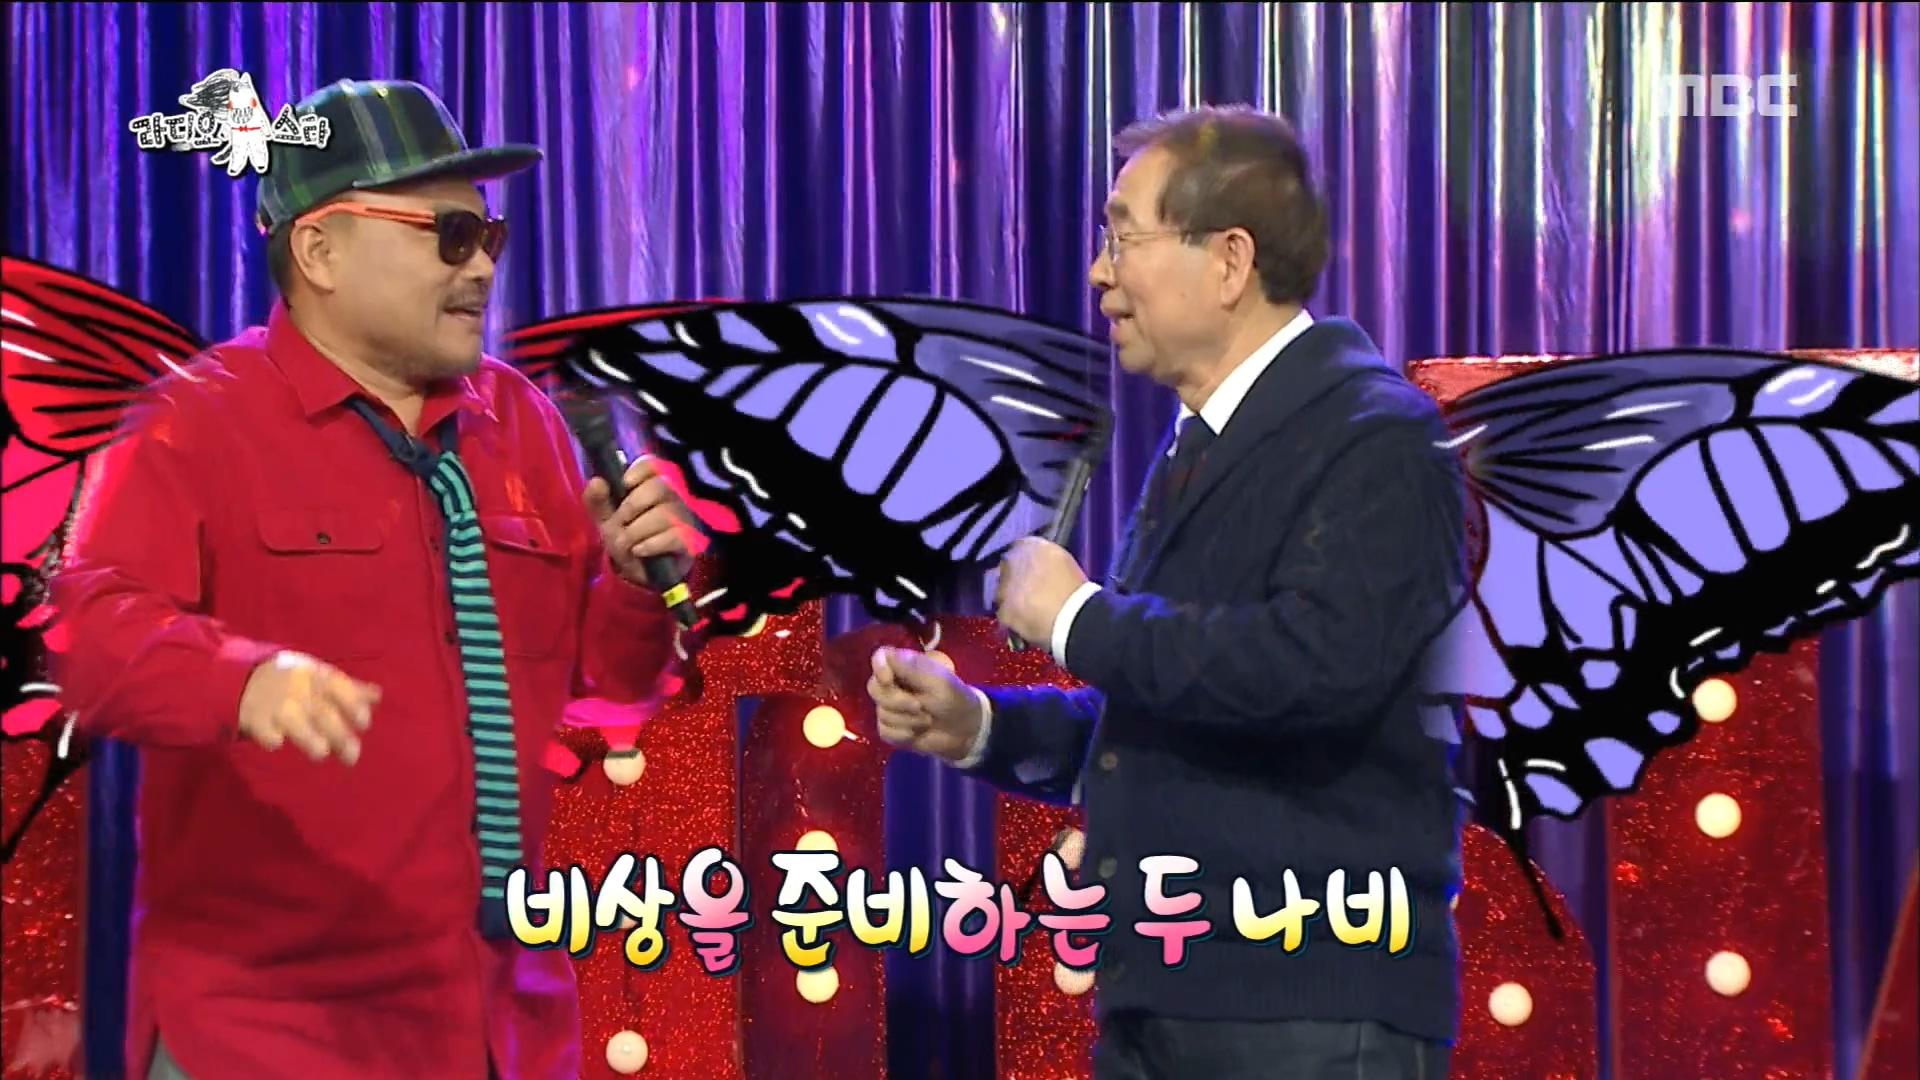 김흥국박원순 시장이 부르는 호랑나비